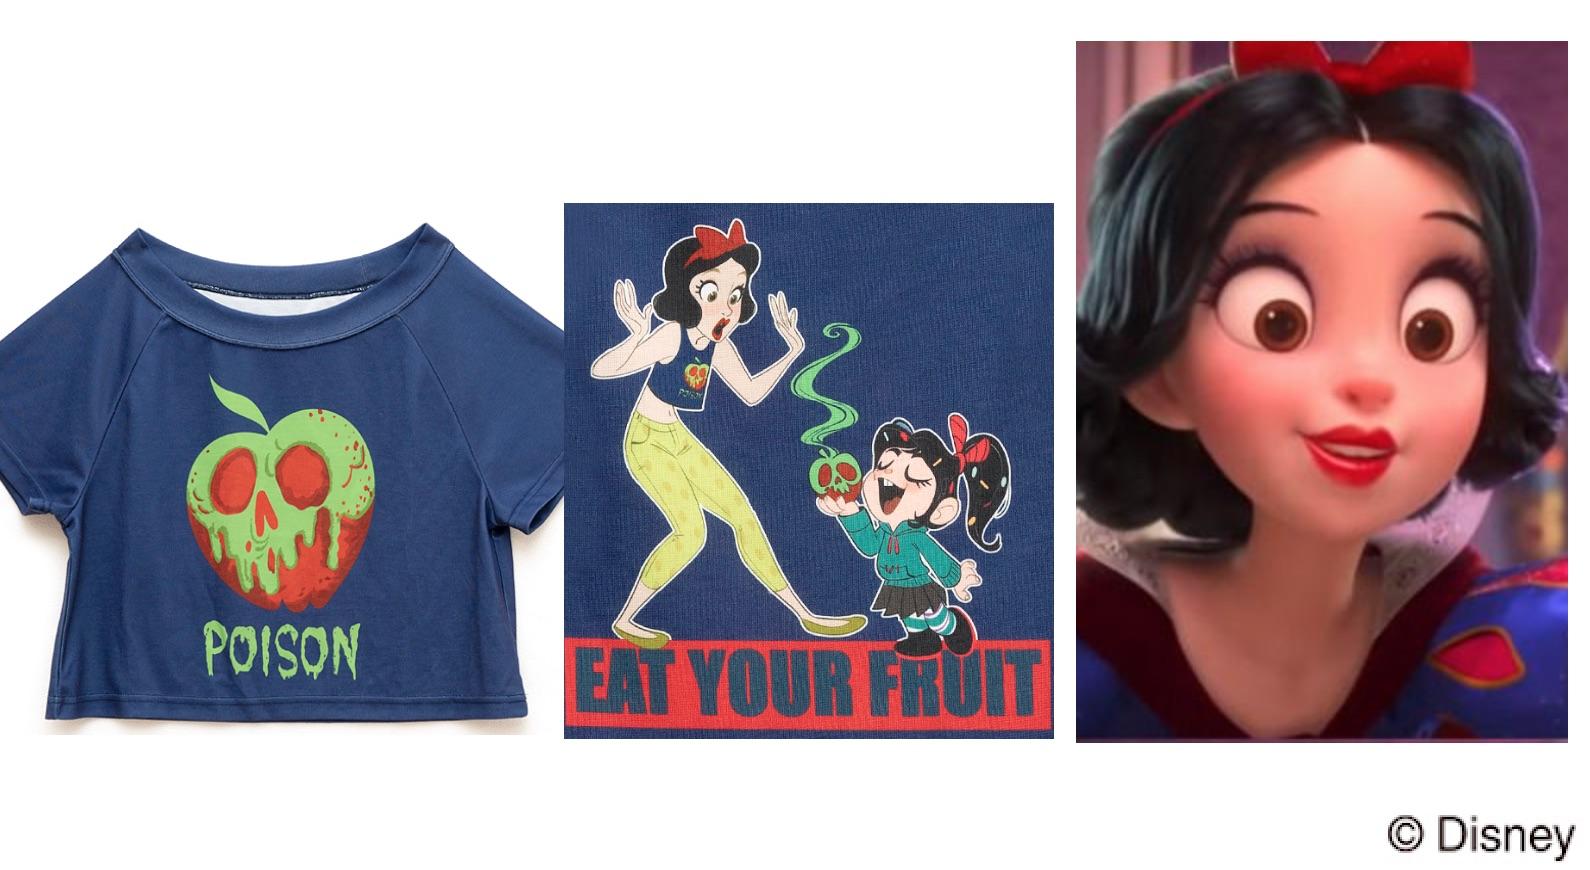 白雪姫(白雪姫)シュガーラッシュオンライン、プリンセスの私服Tシャツに隠された意味って?